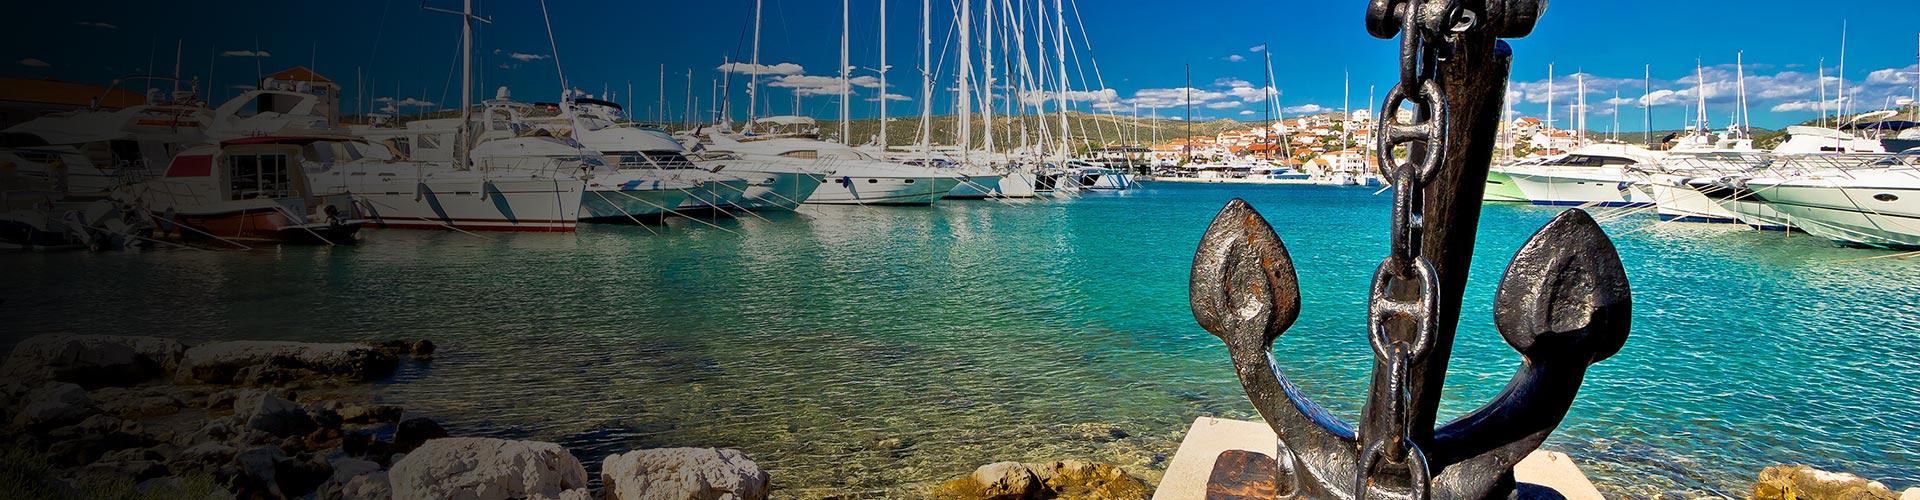 Sämtliche Yachten, Katamarane und Boote inklusive Dienstleistungen die Sie an der Adriaküste mieten können, sowie alle Informationen über das Segeln in Kroatien.